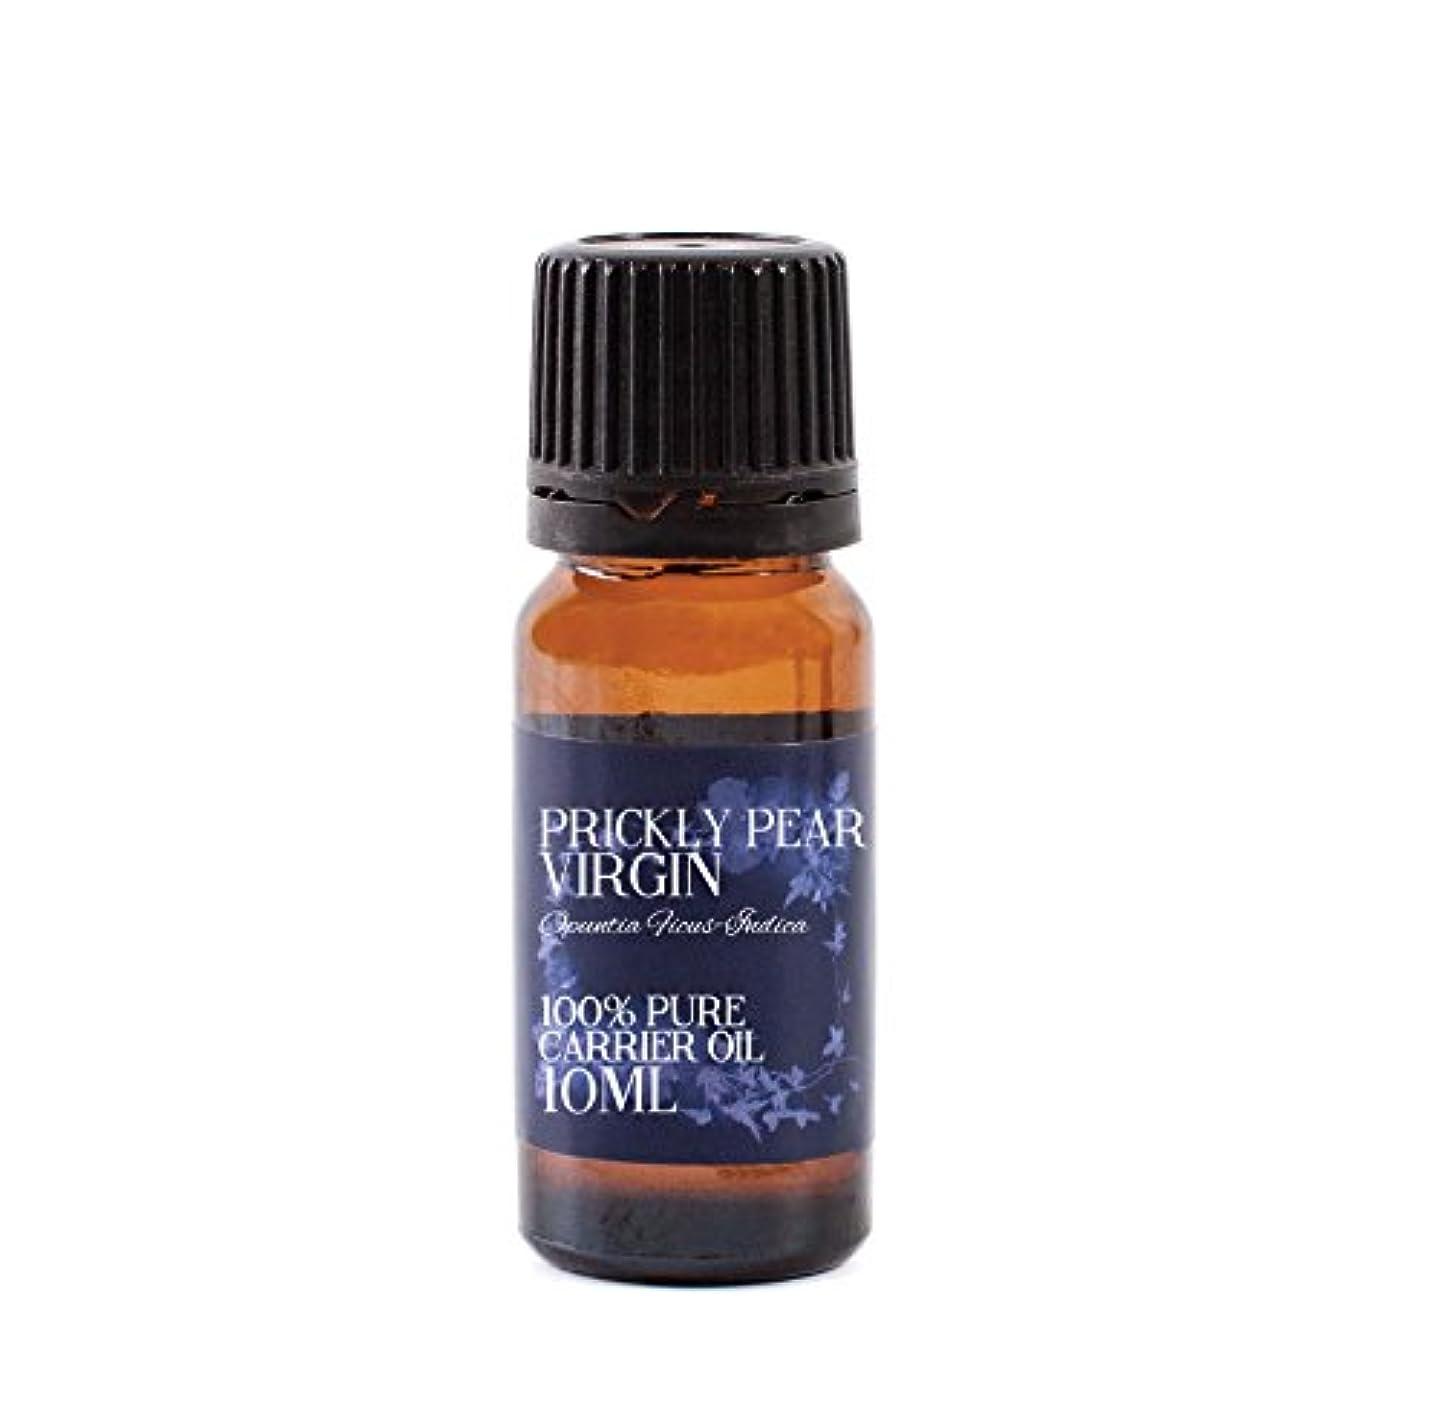 ベジタリアン試み統合Prickly Pear Virgin Carrier Oil - 100% Pure - 10ml